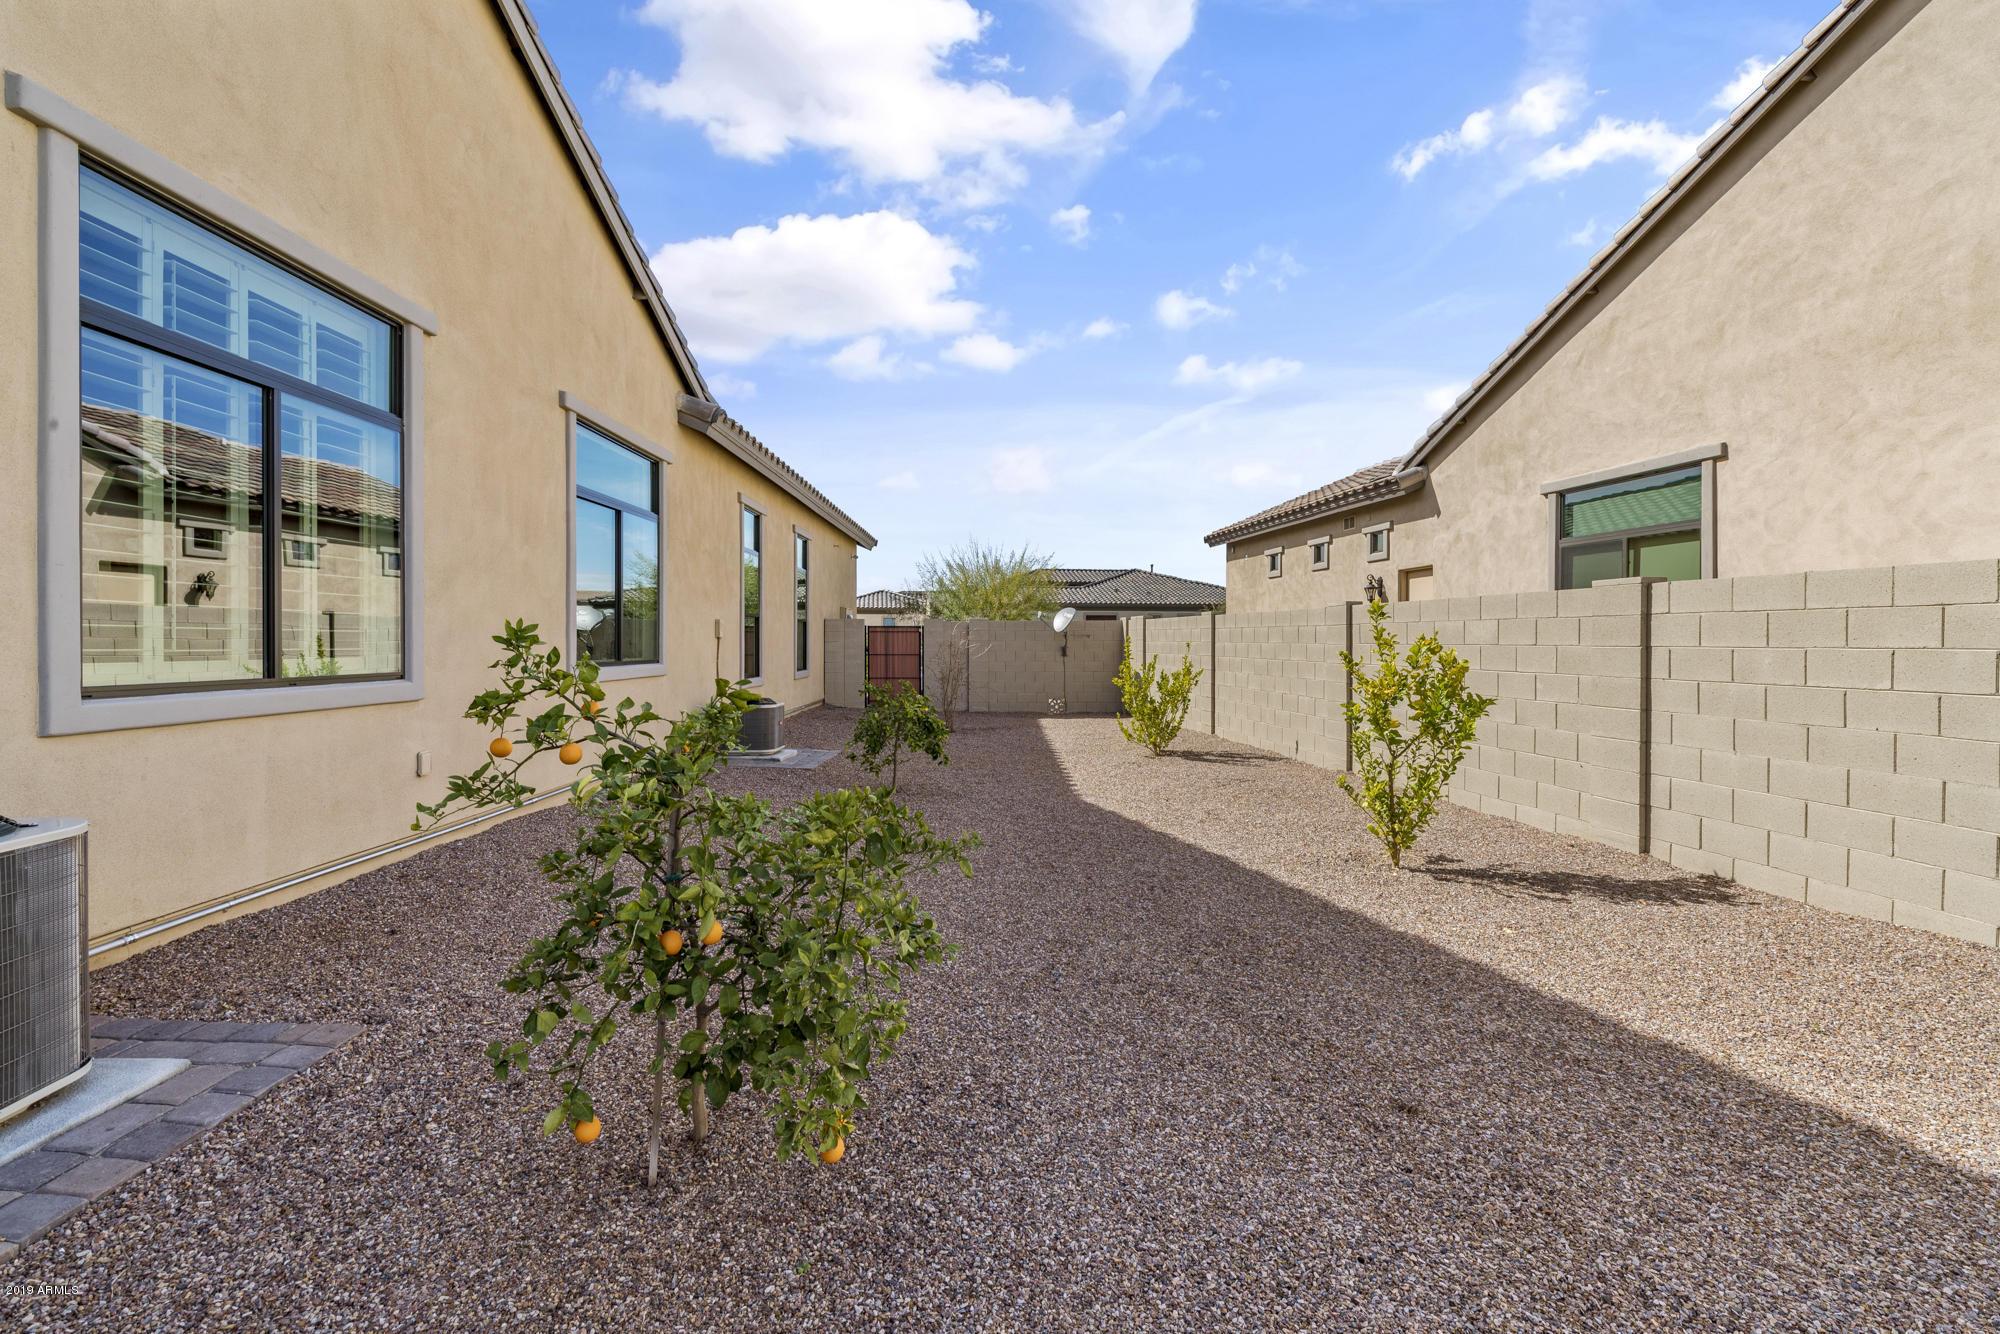 MLS 5896744 7153 S PENROSE Drive, Gilbert, AZ 85298 4 Bedroom Homes